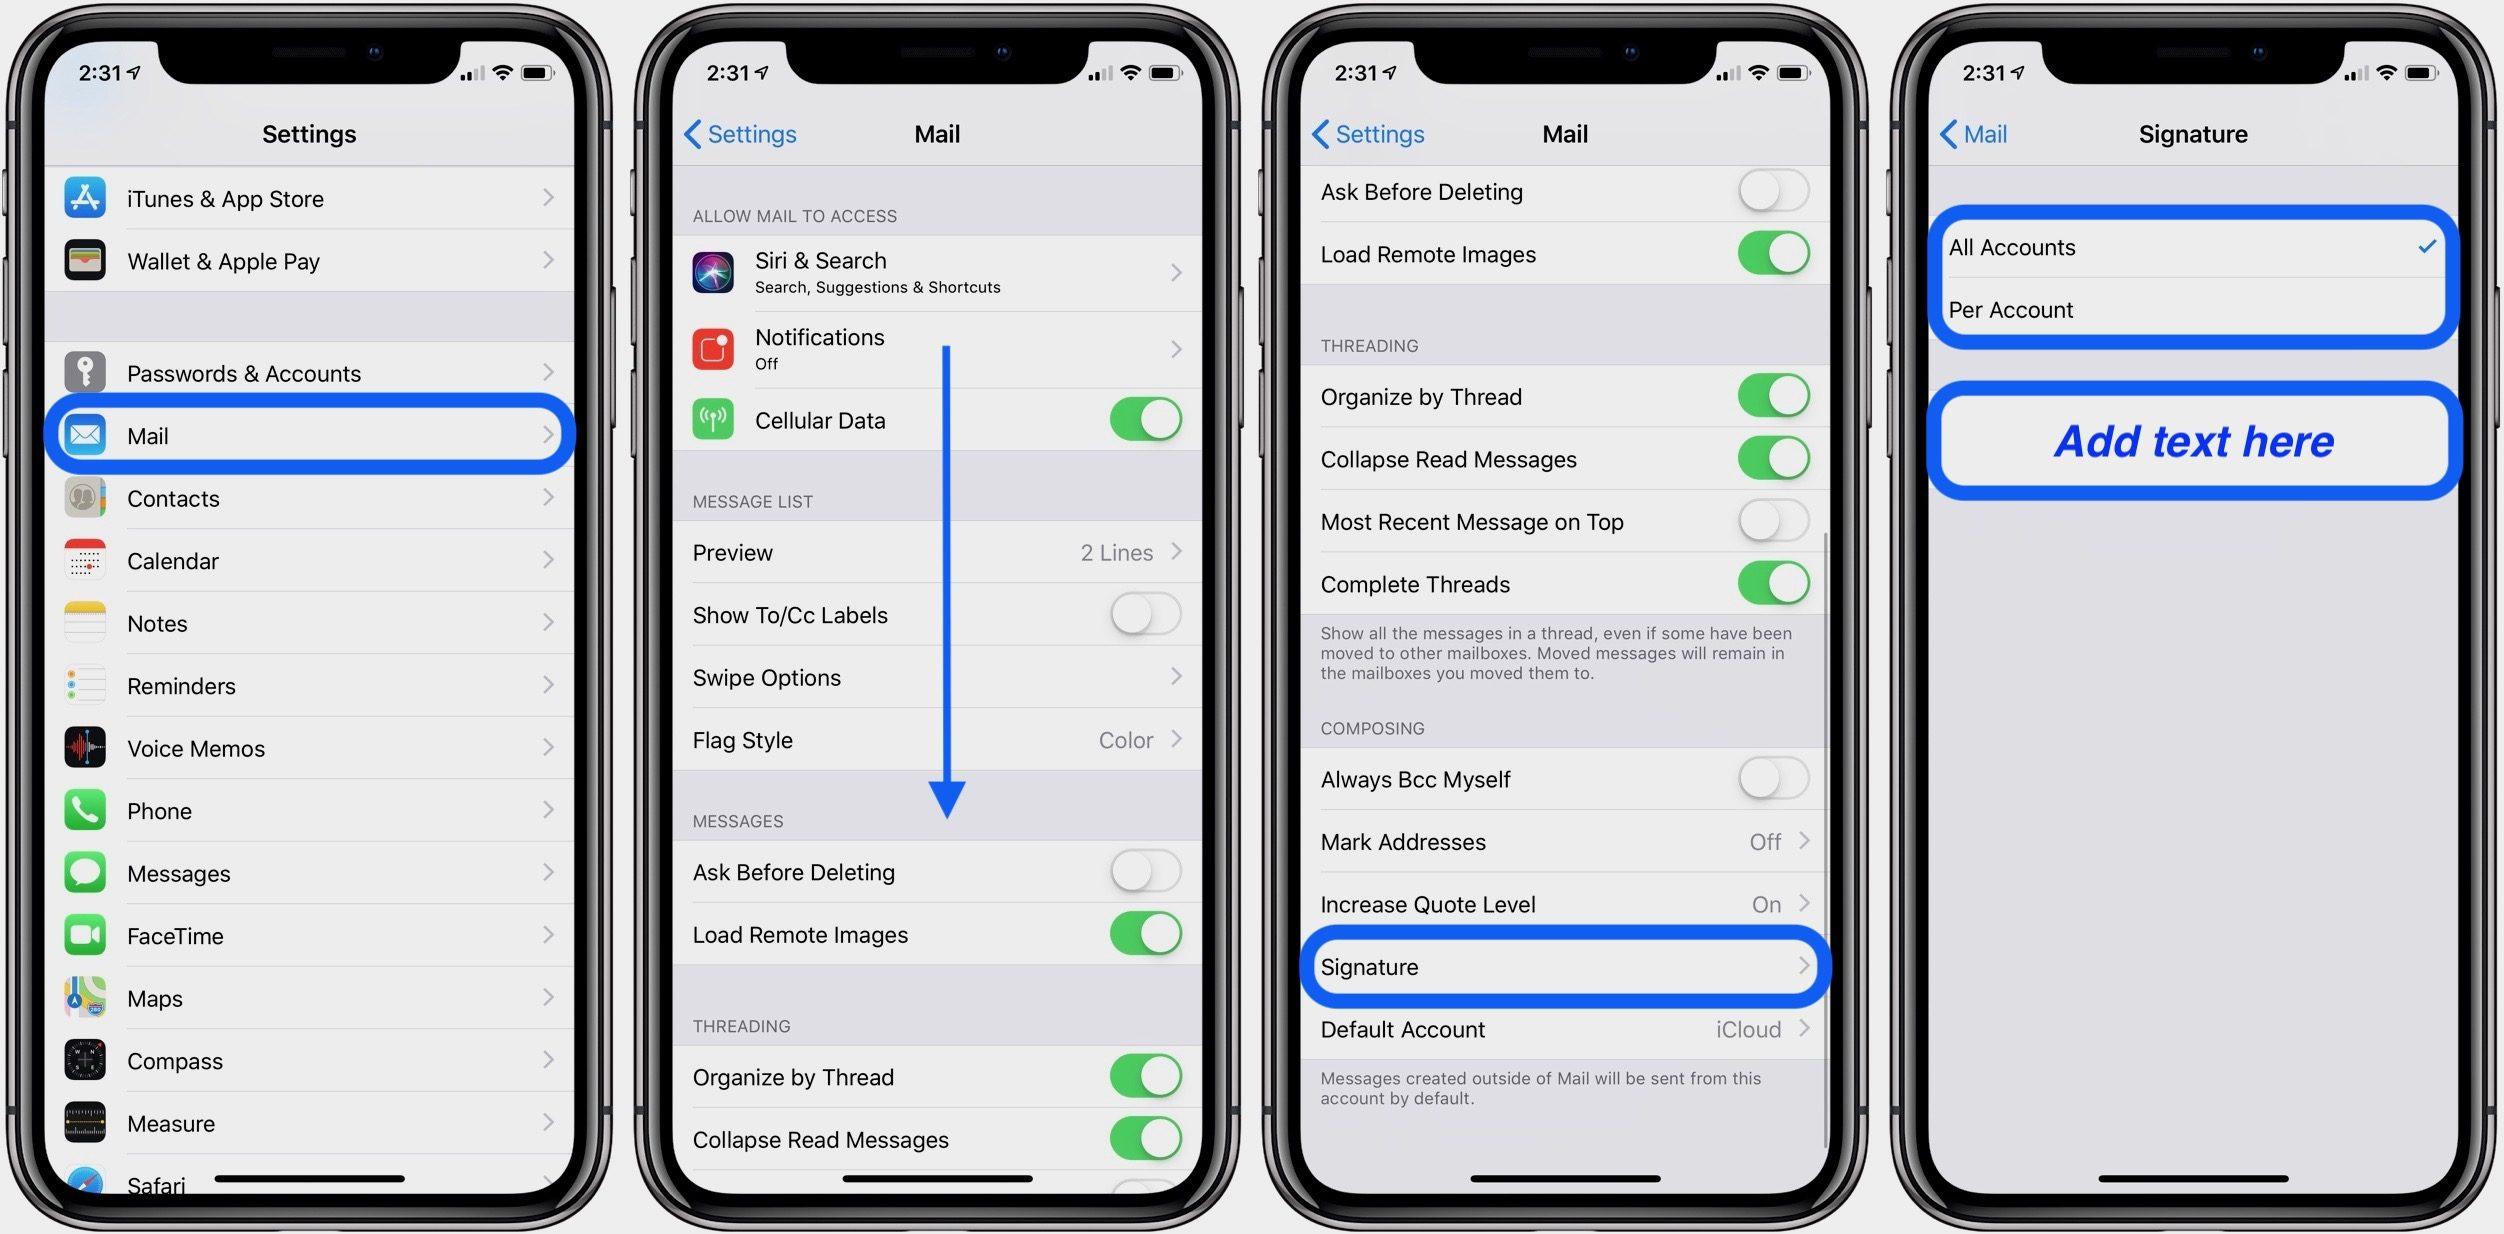 """<span href=""""https://9to5mac.com/2018/10/08/email-signatures-on-iphone/"""">¿Cómo agregar firmas de correo electrónico en el iPhone y el iPad</a>"""